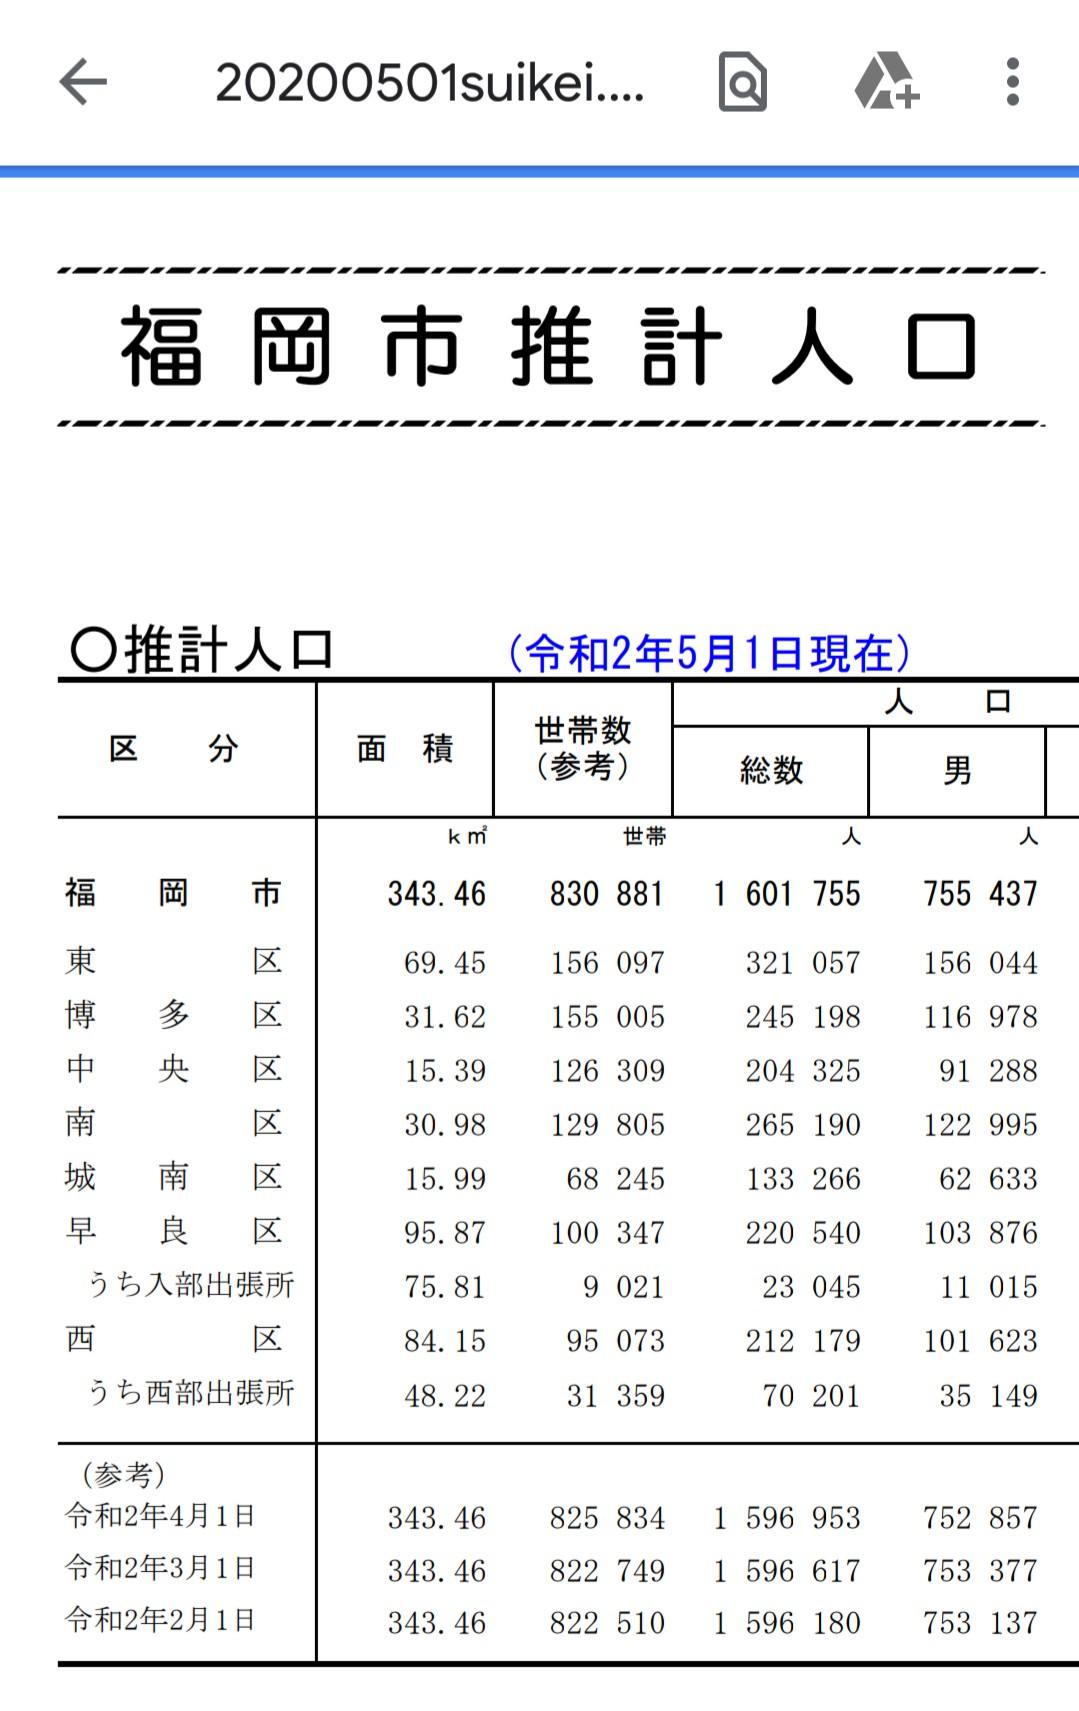 【地域】福岡市が人口増加で160万人を突破、